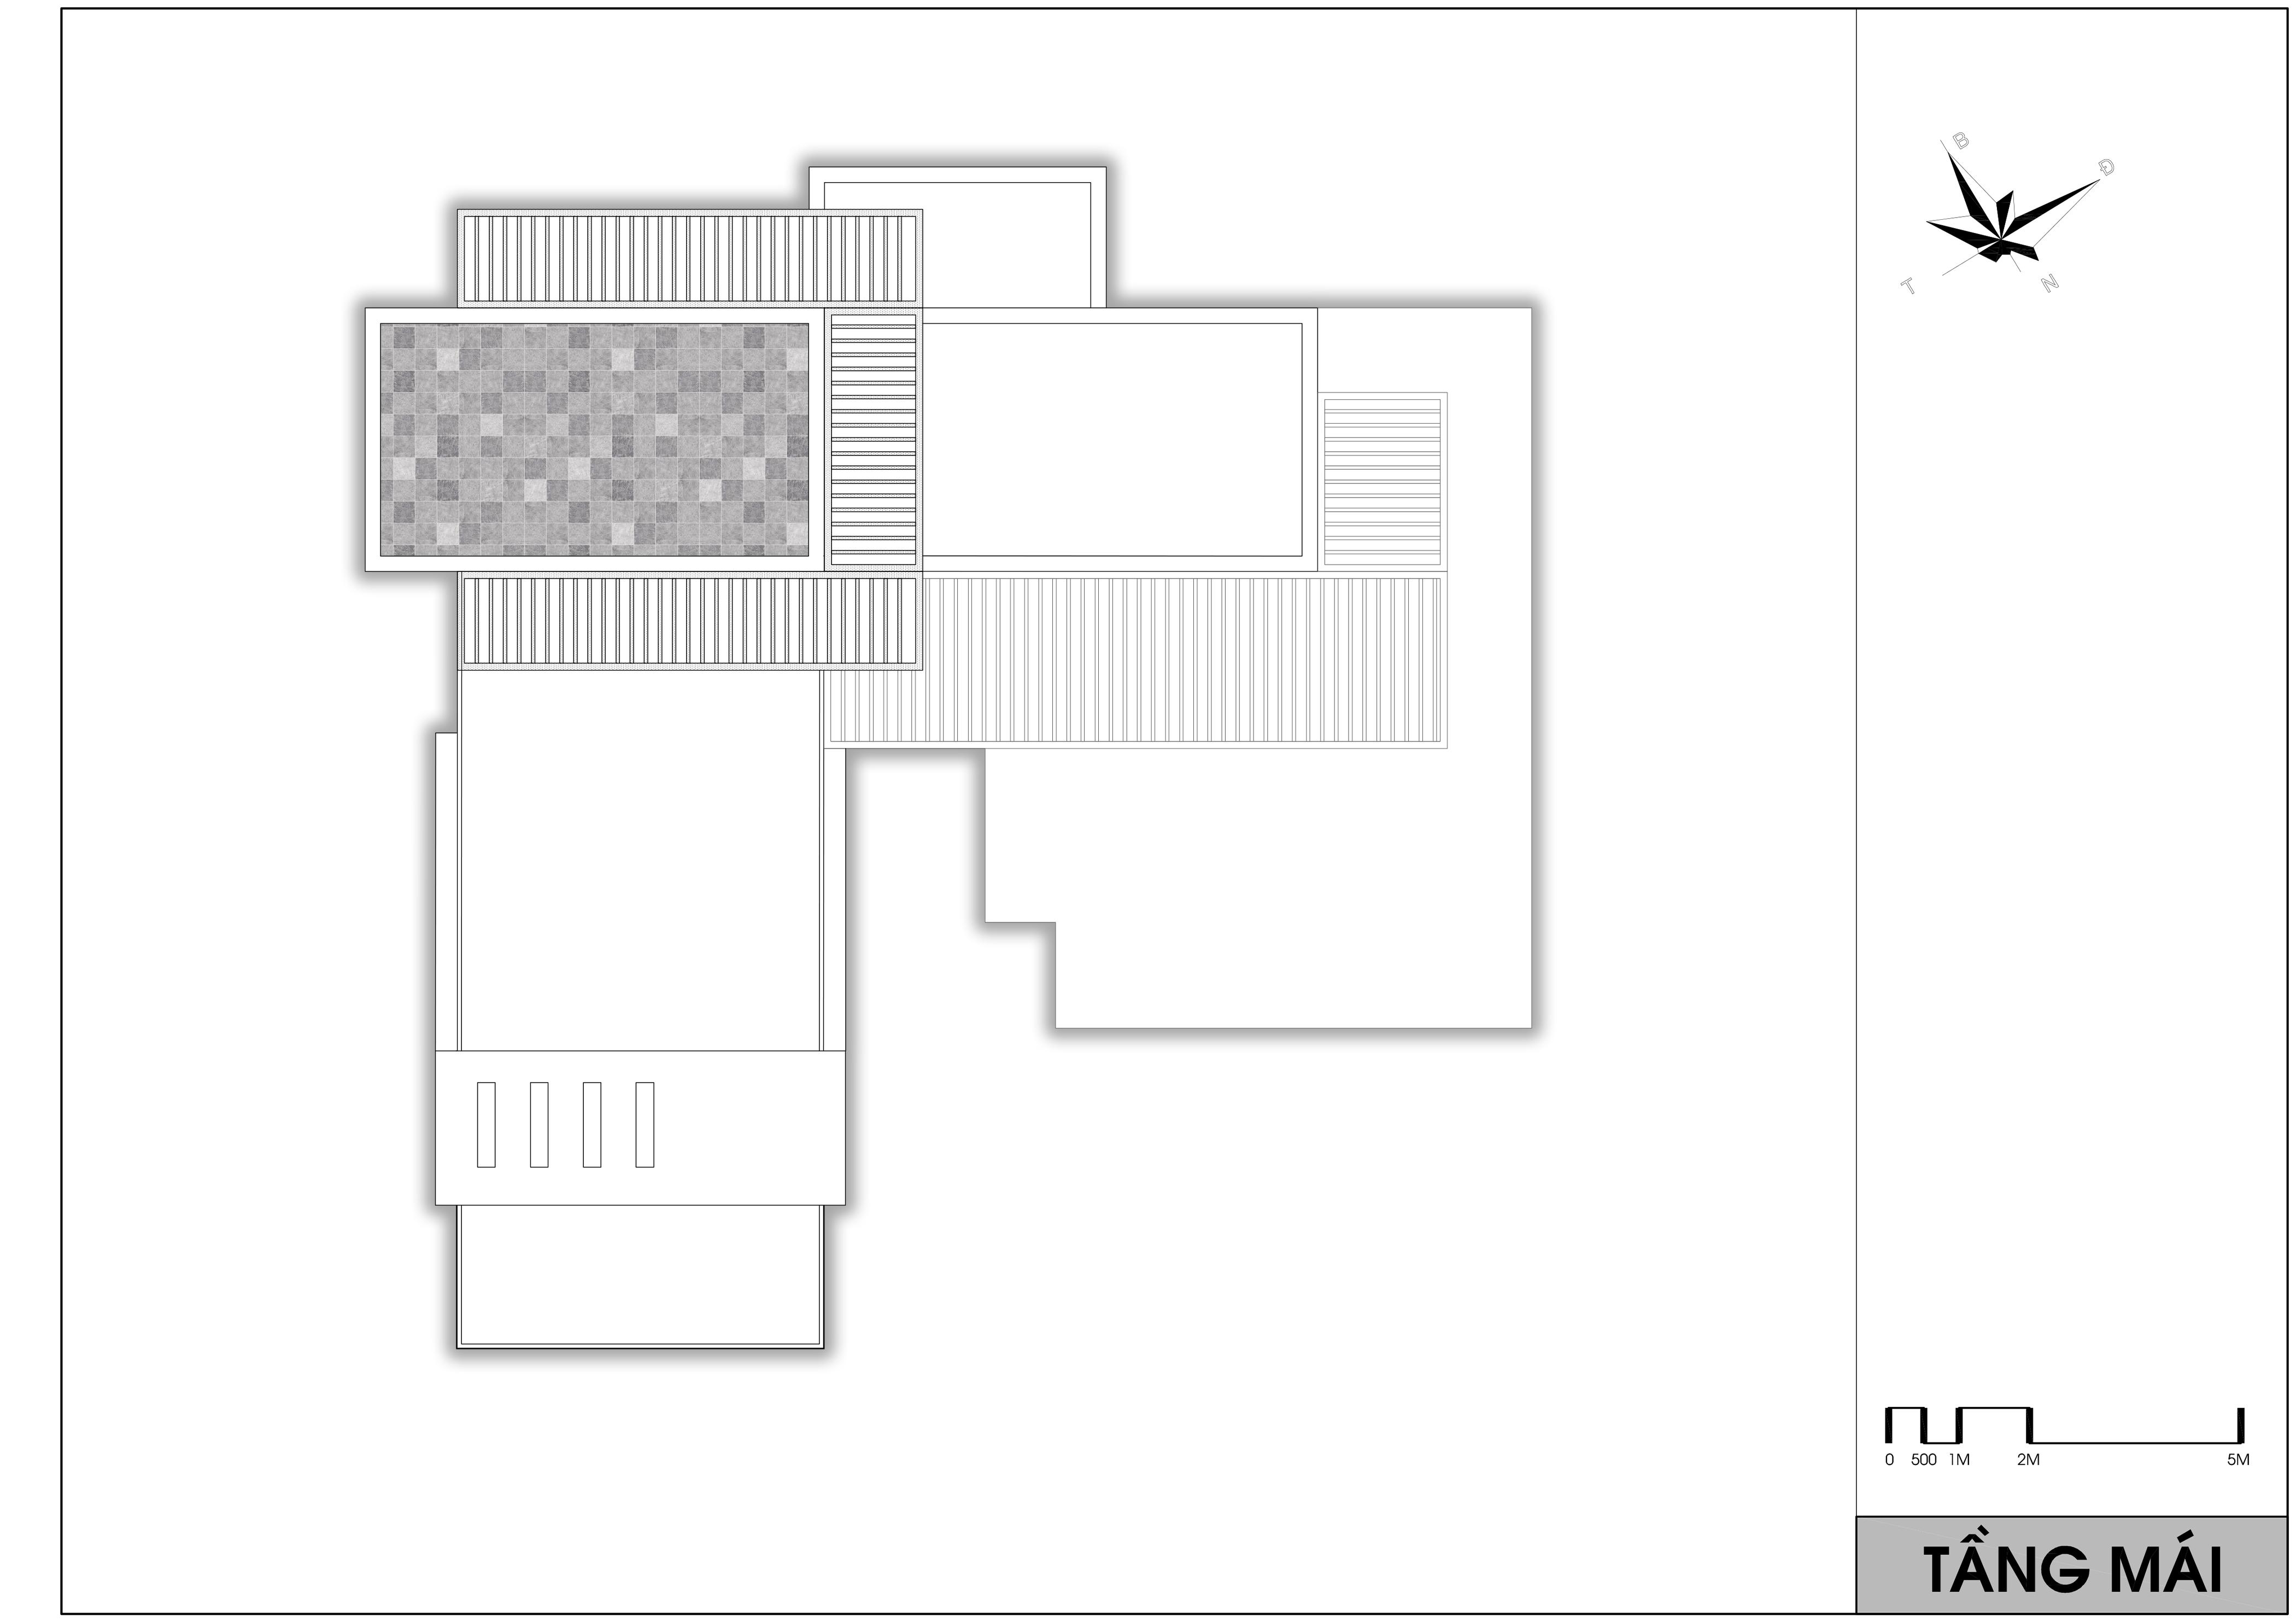 thiết kế Biệt Thự 3 tầng tại Vĩnh Phúc TX- Villas 2 1562065351